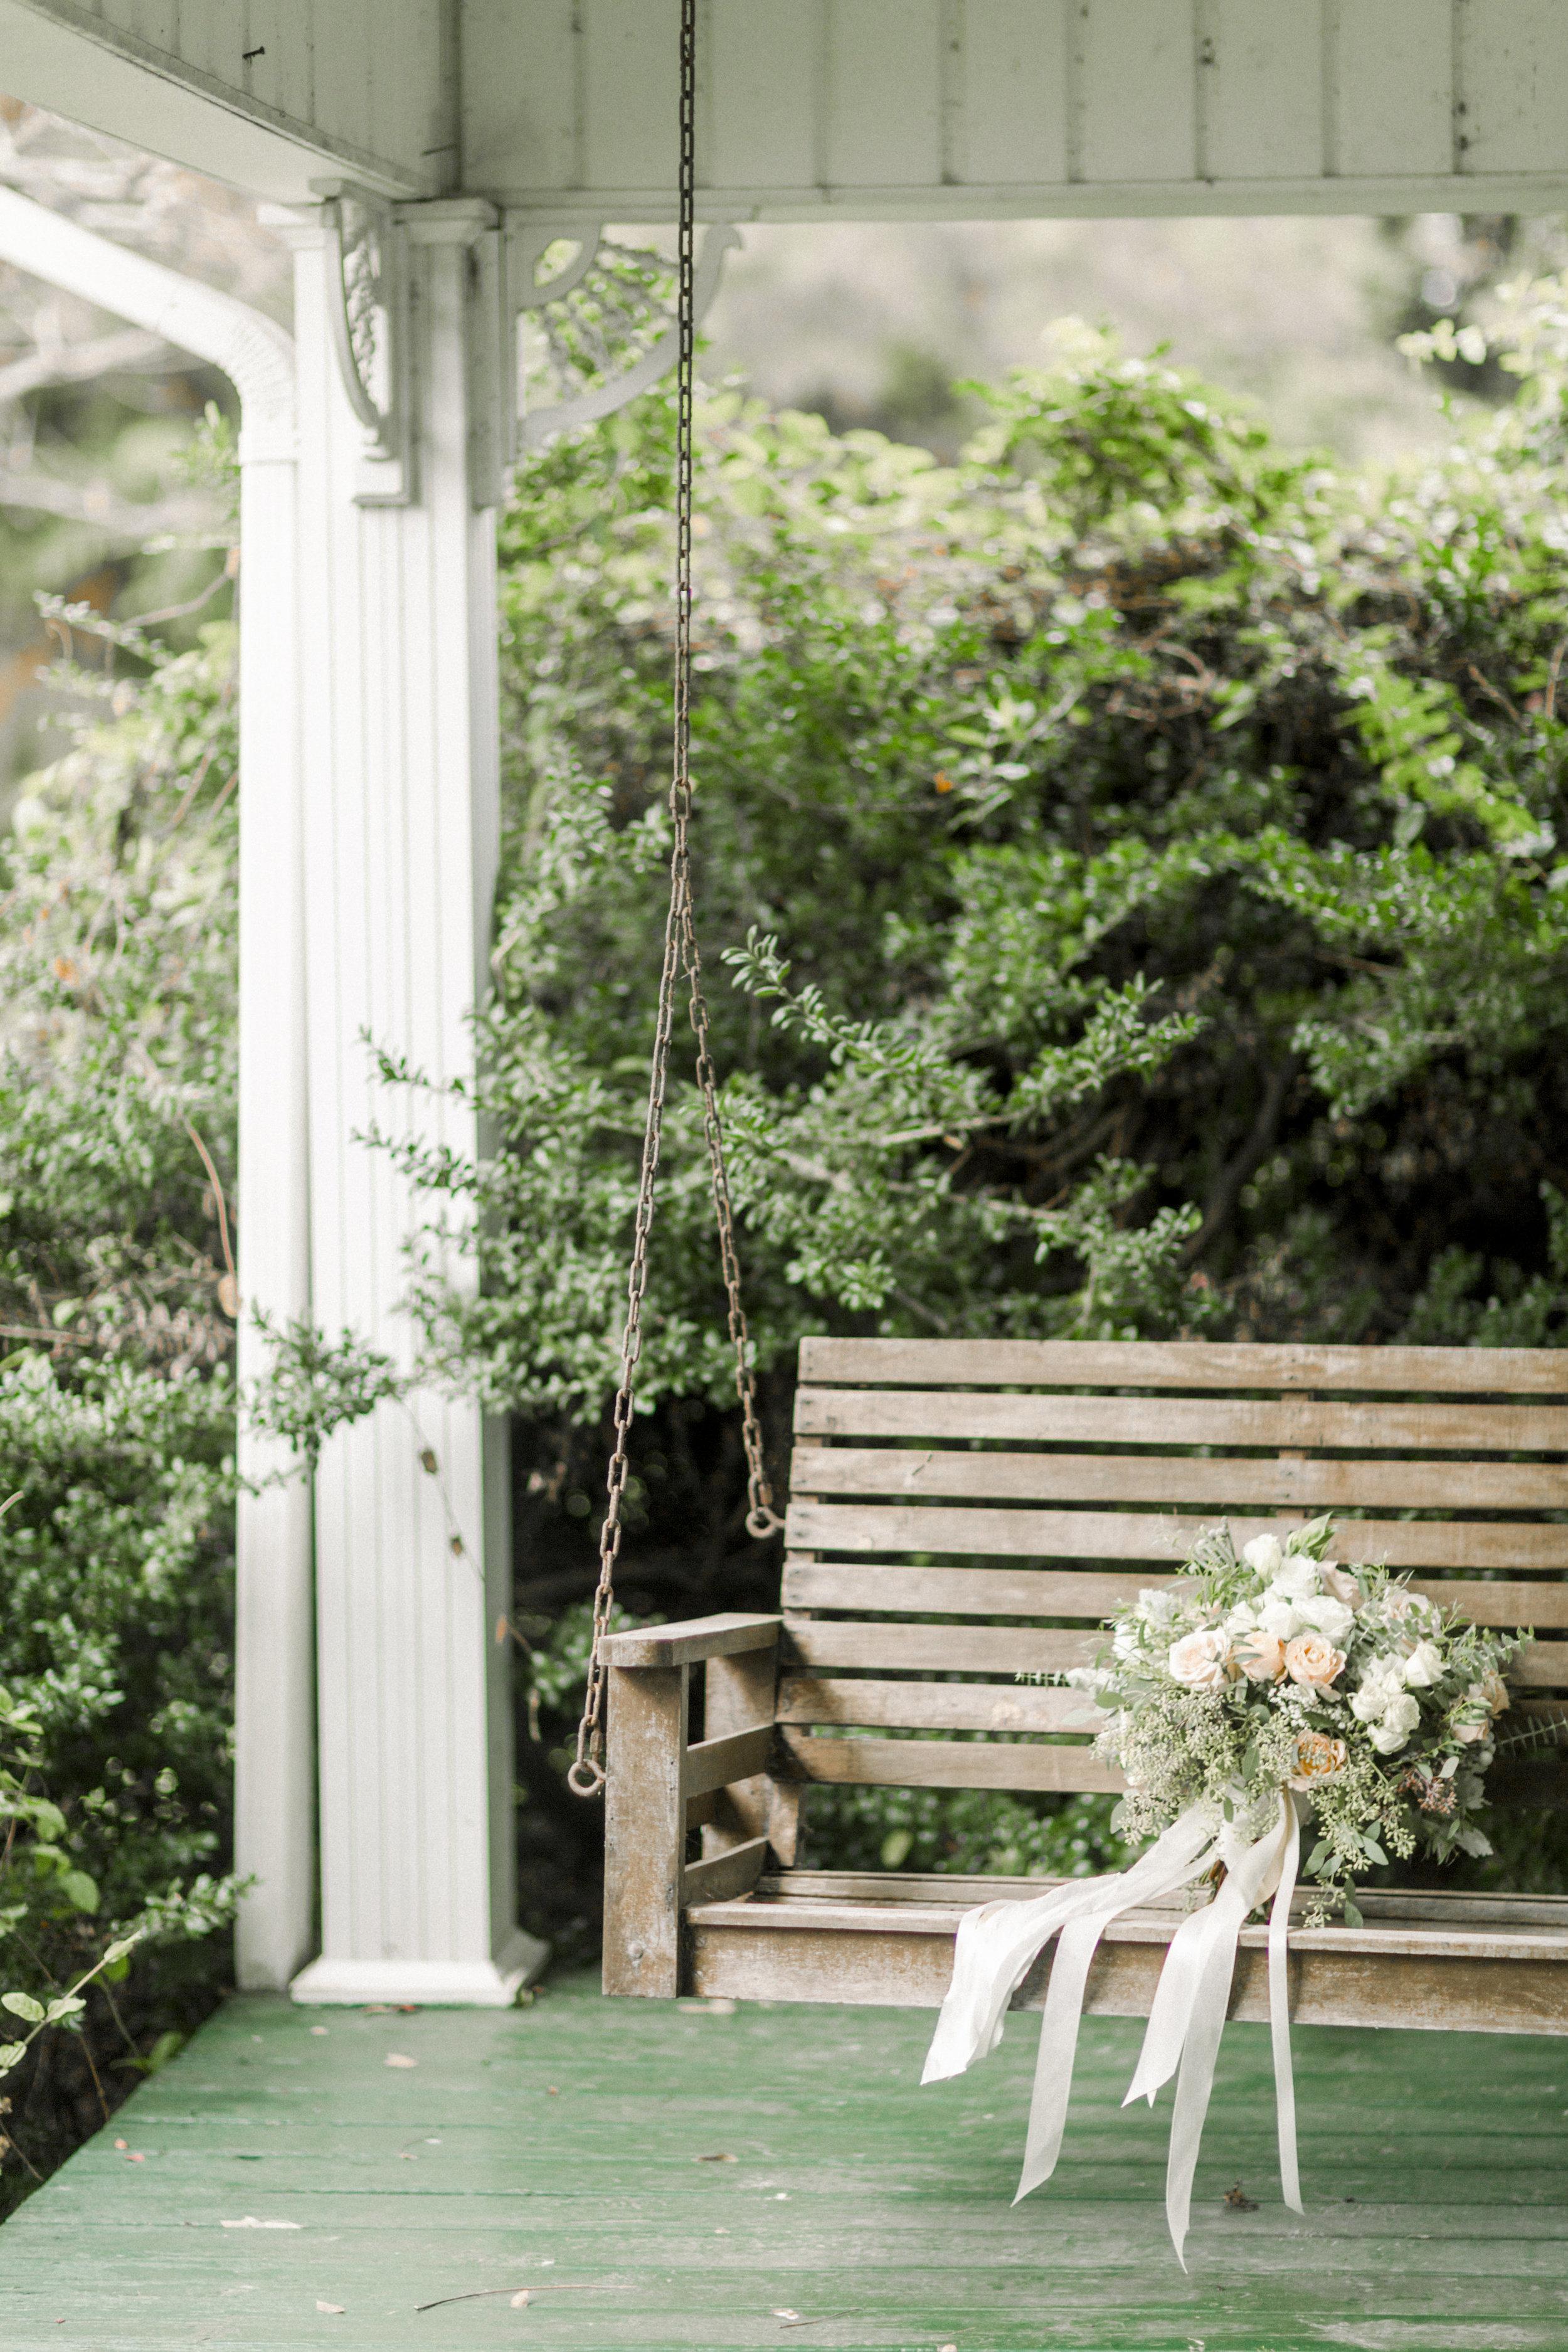 Sidney Leigh Photography - COMING SOON: Caitlin & Taylor's Glasgow Farm Wedding